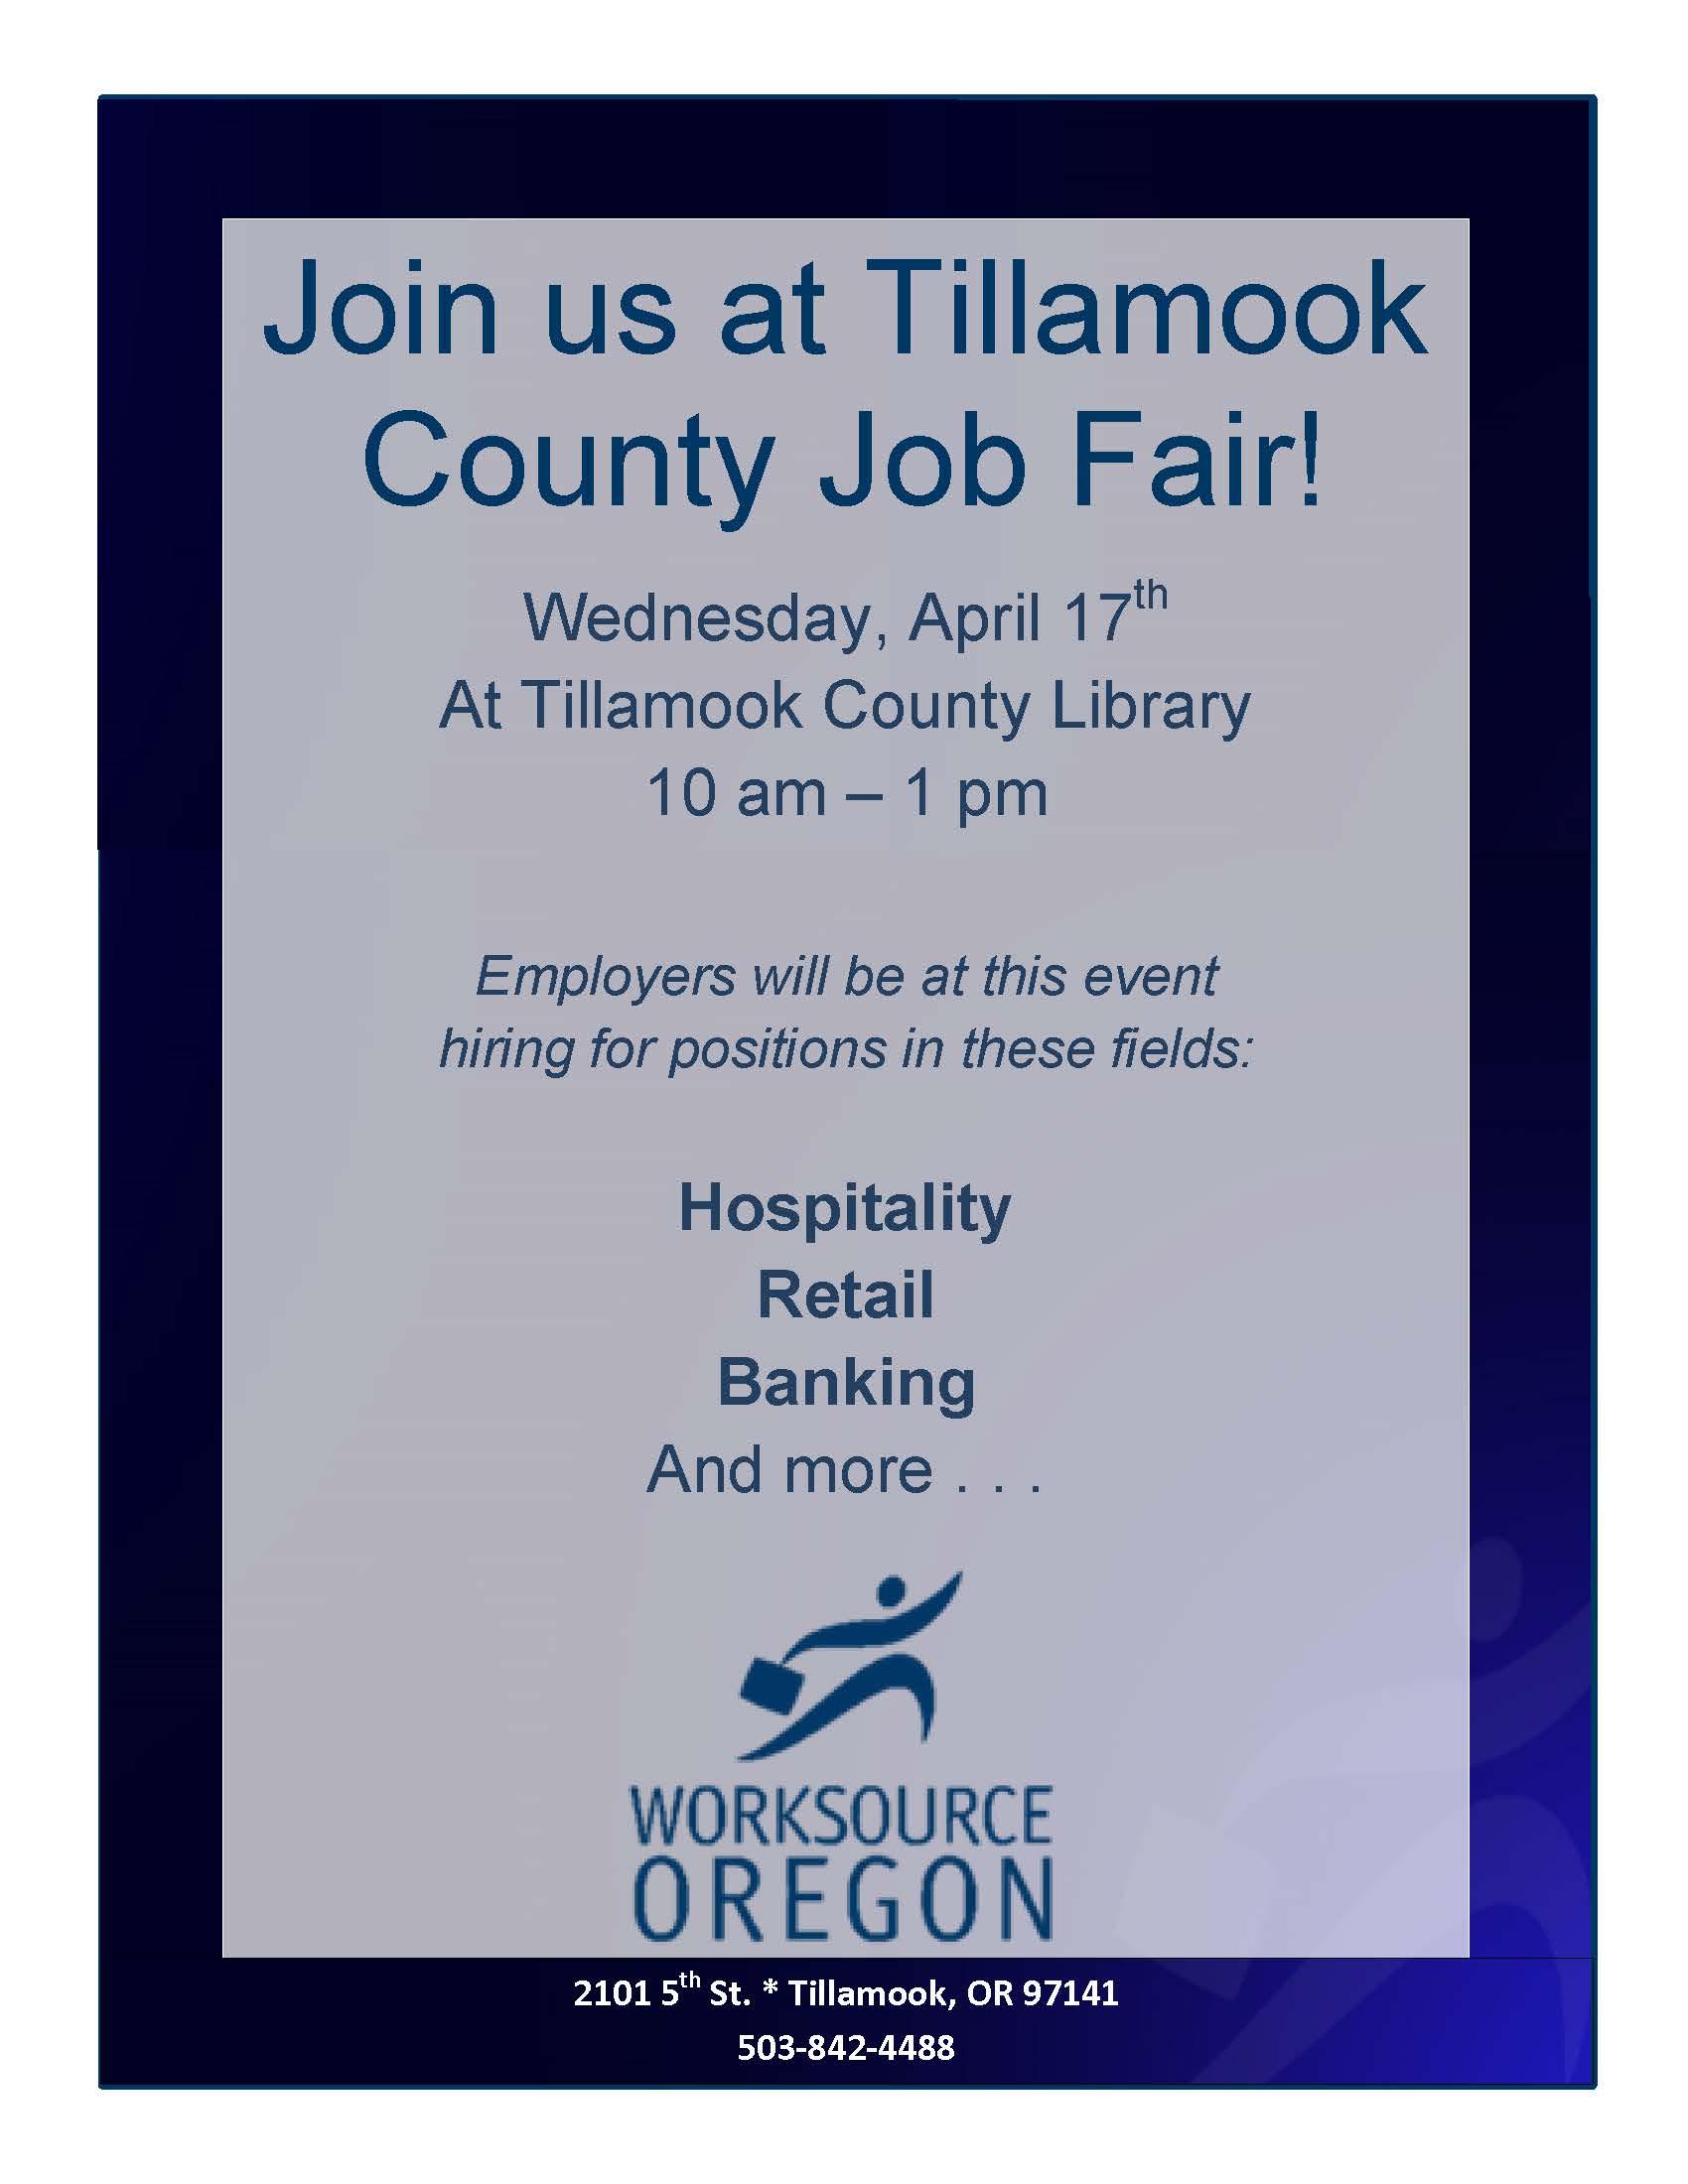 2019 Tillamook County Job Fair